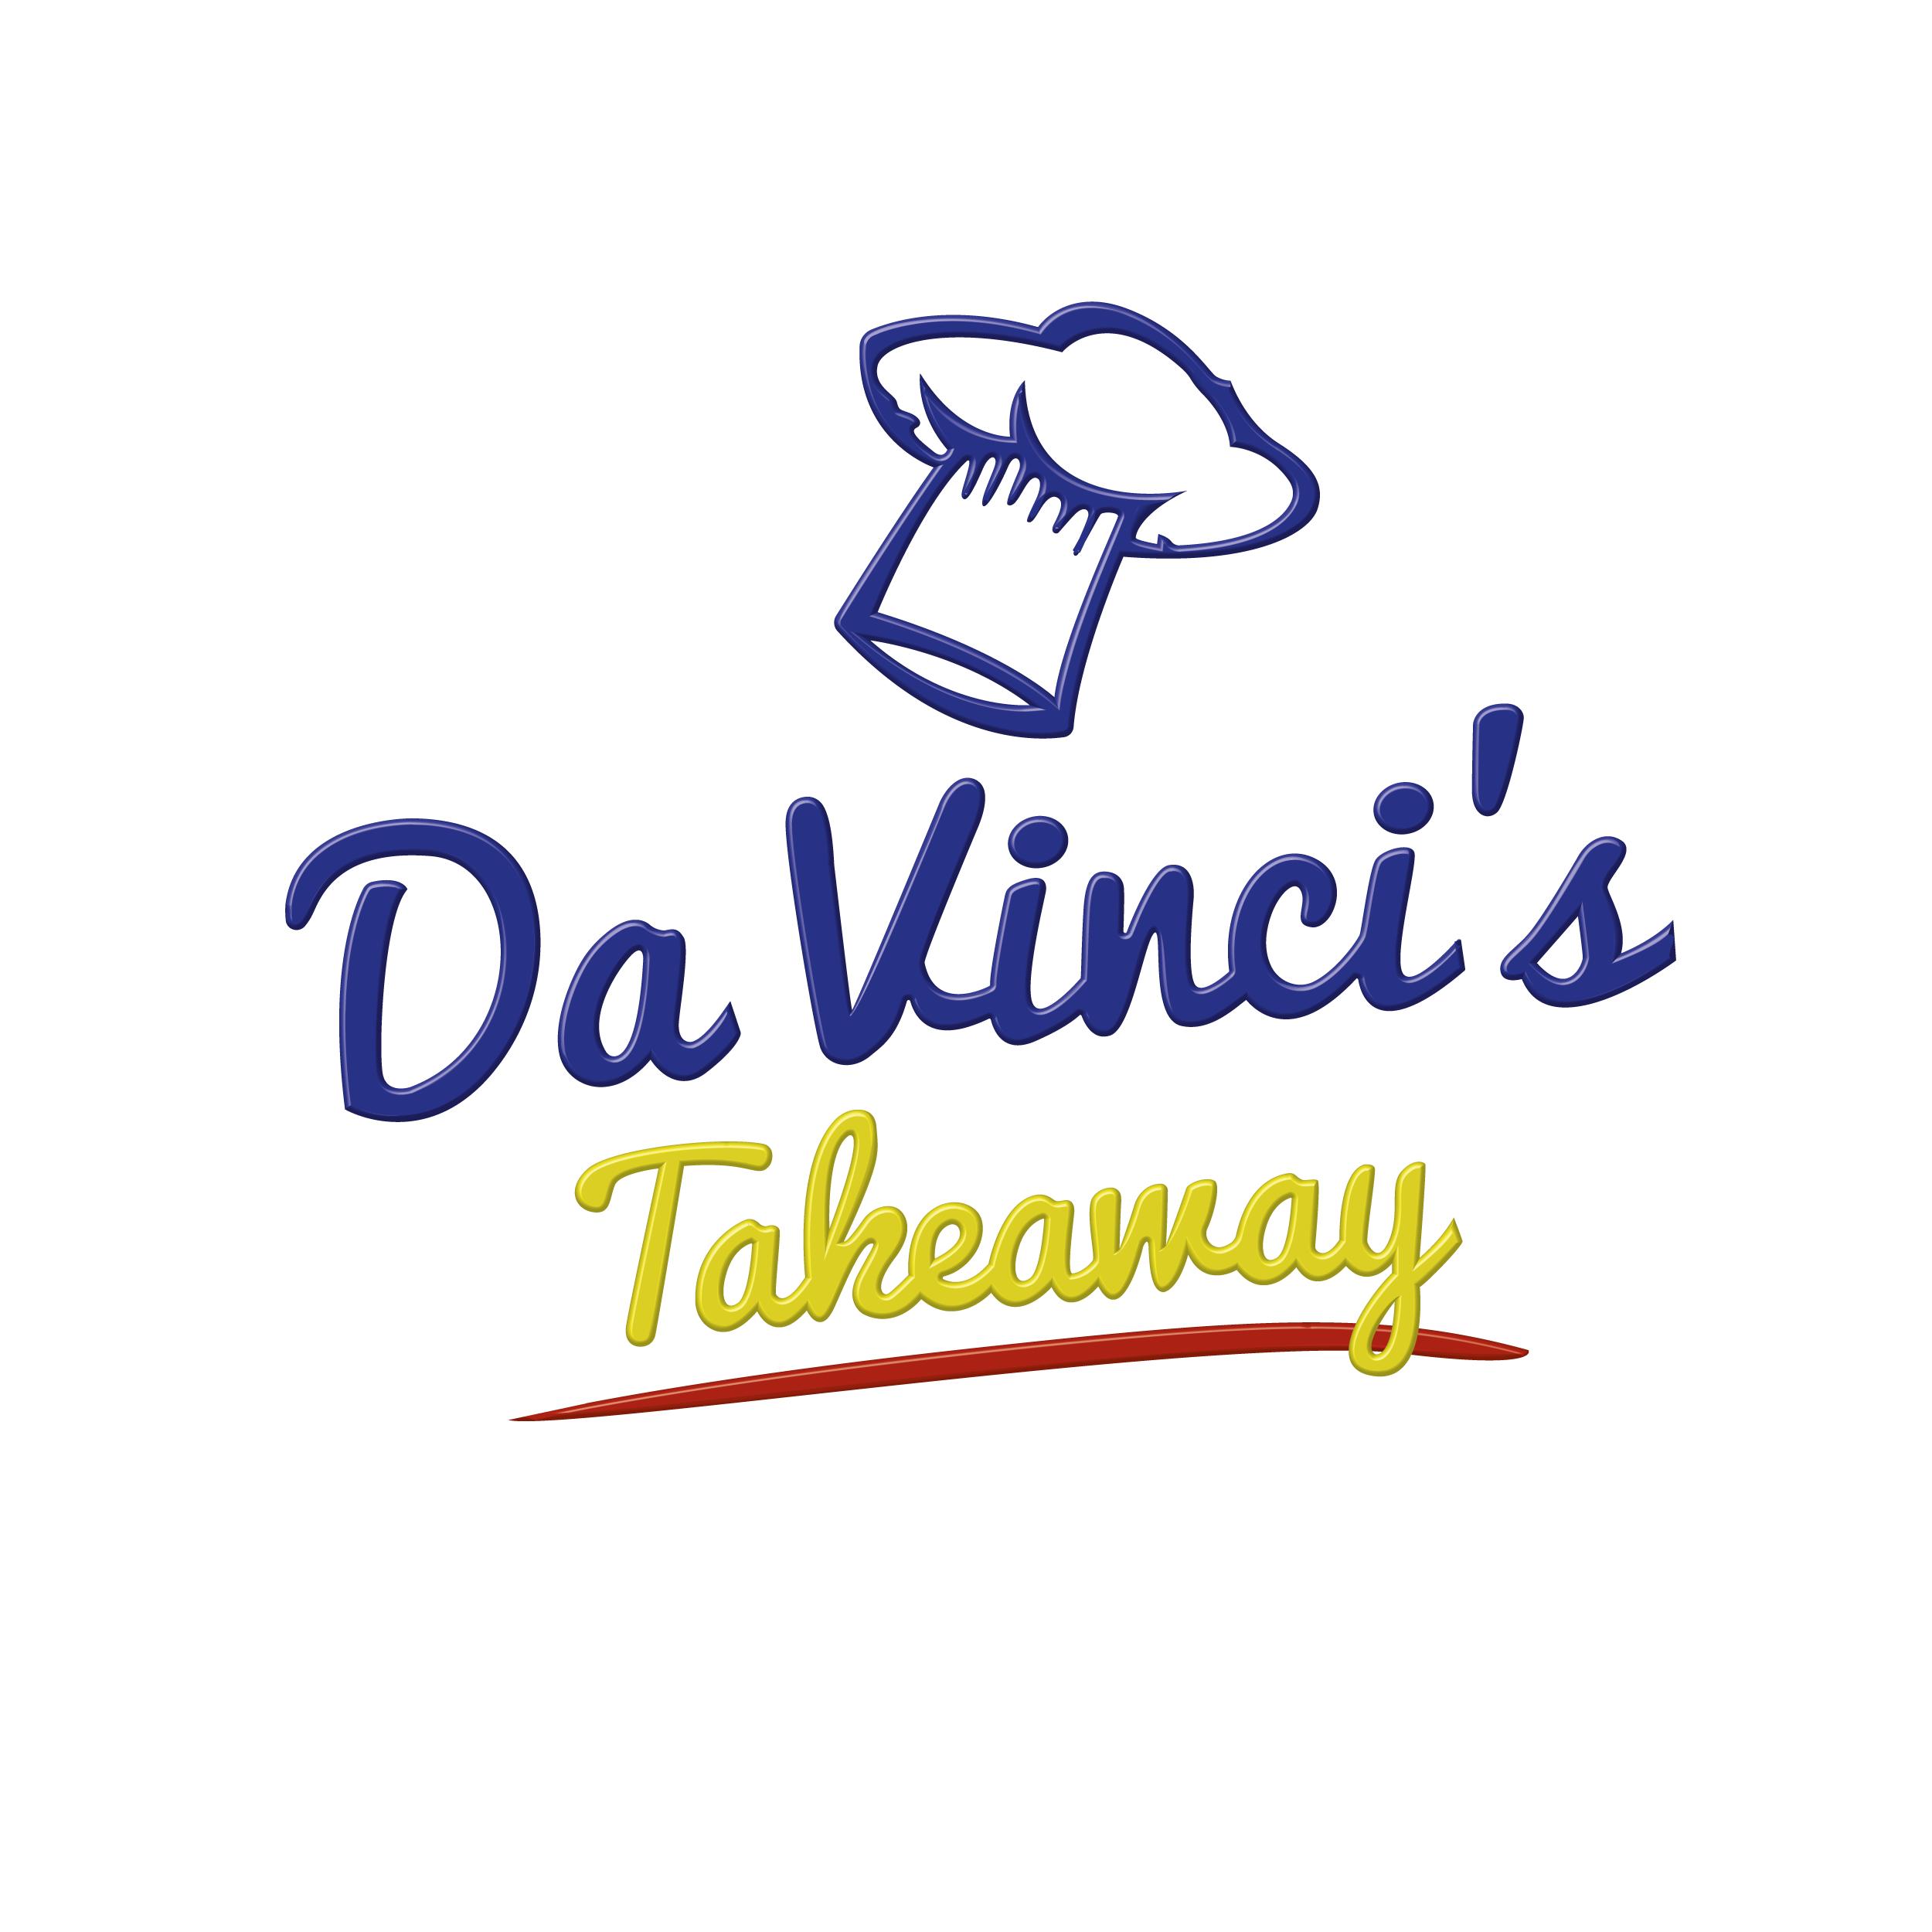 Da Vinci's Online Takeaway Menu Logo